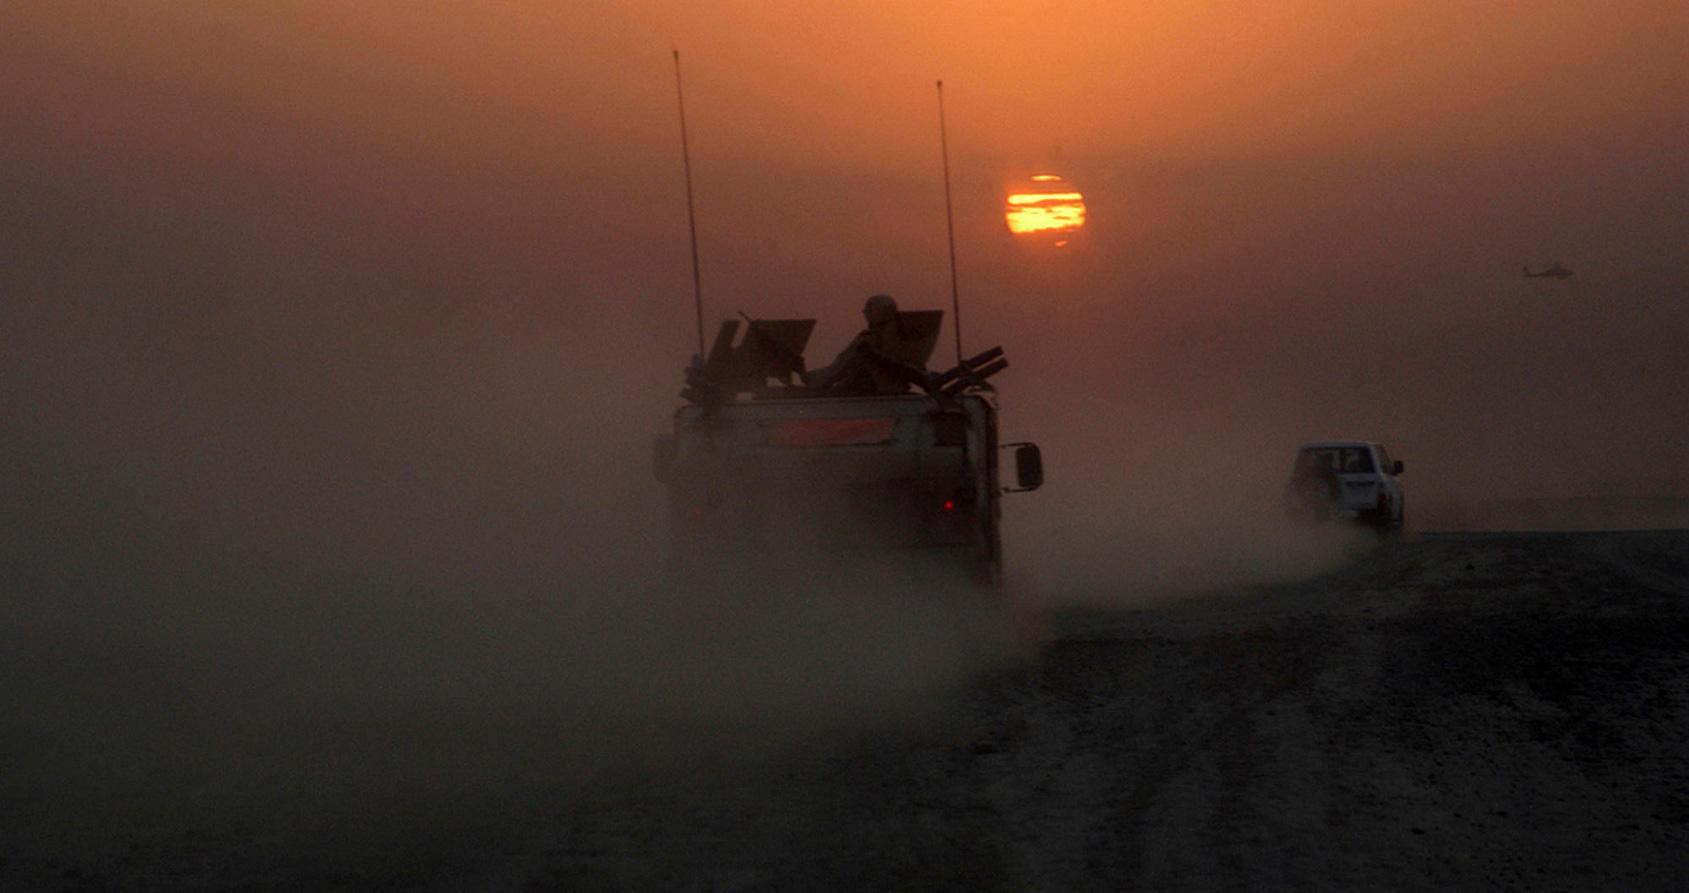 Le Kurdistan sera-t-il un jour indépendant?